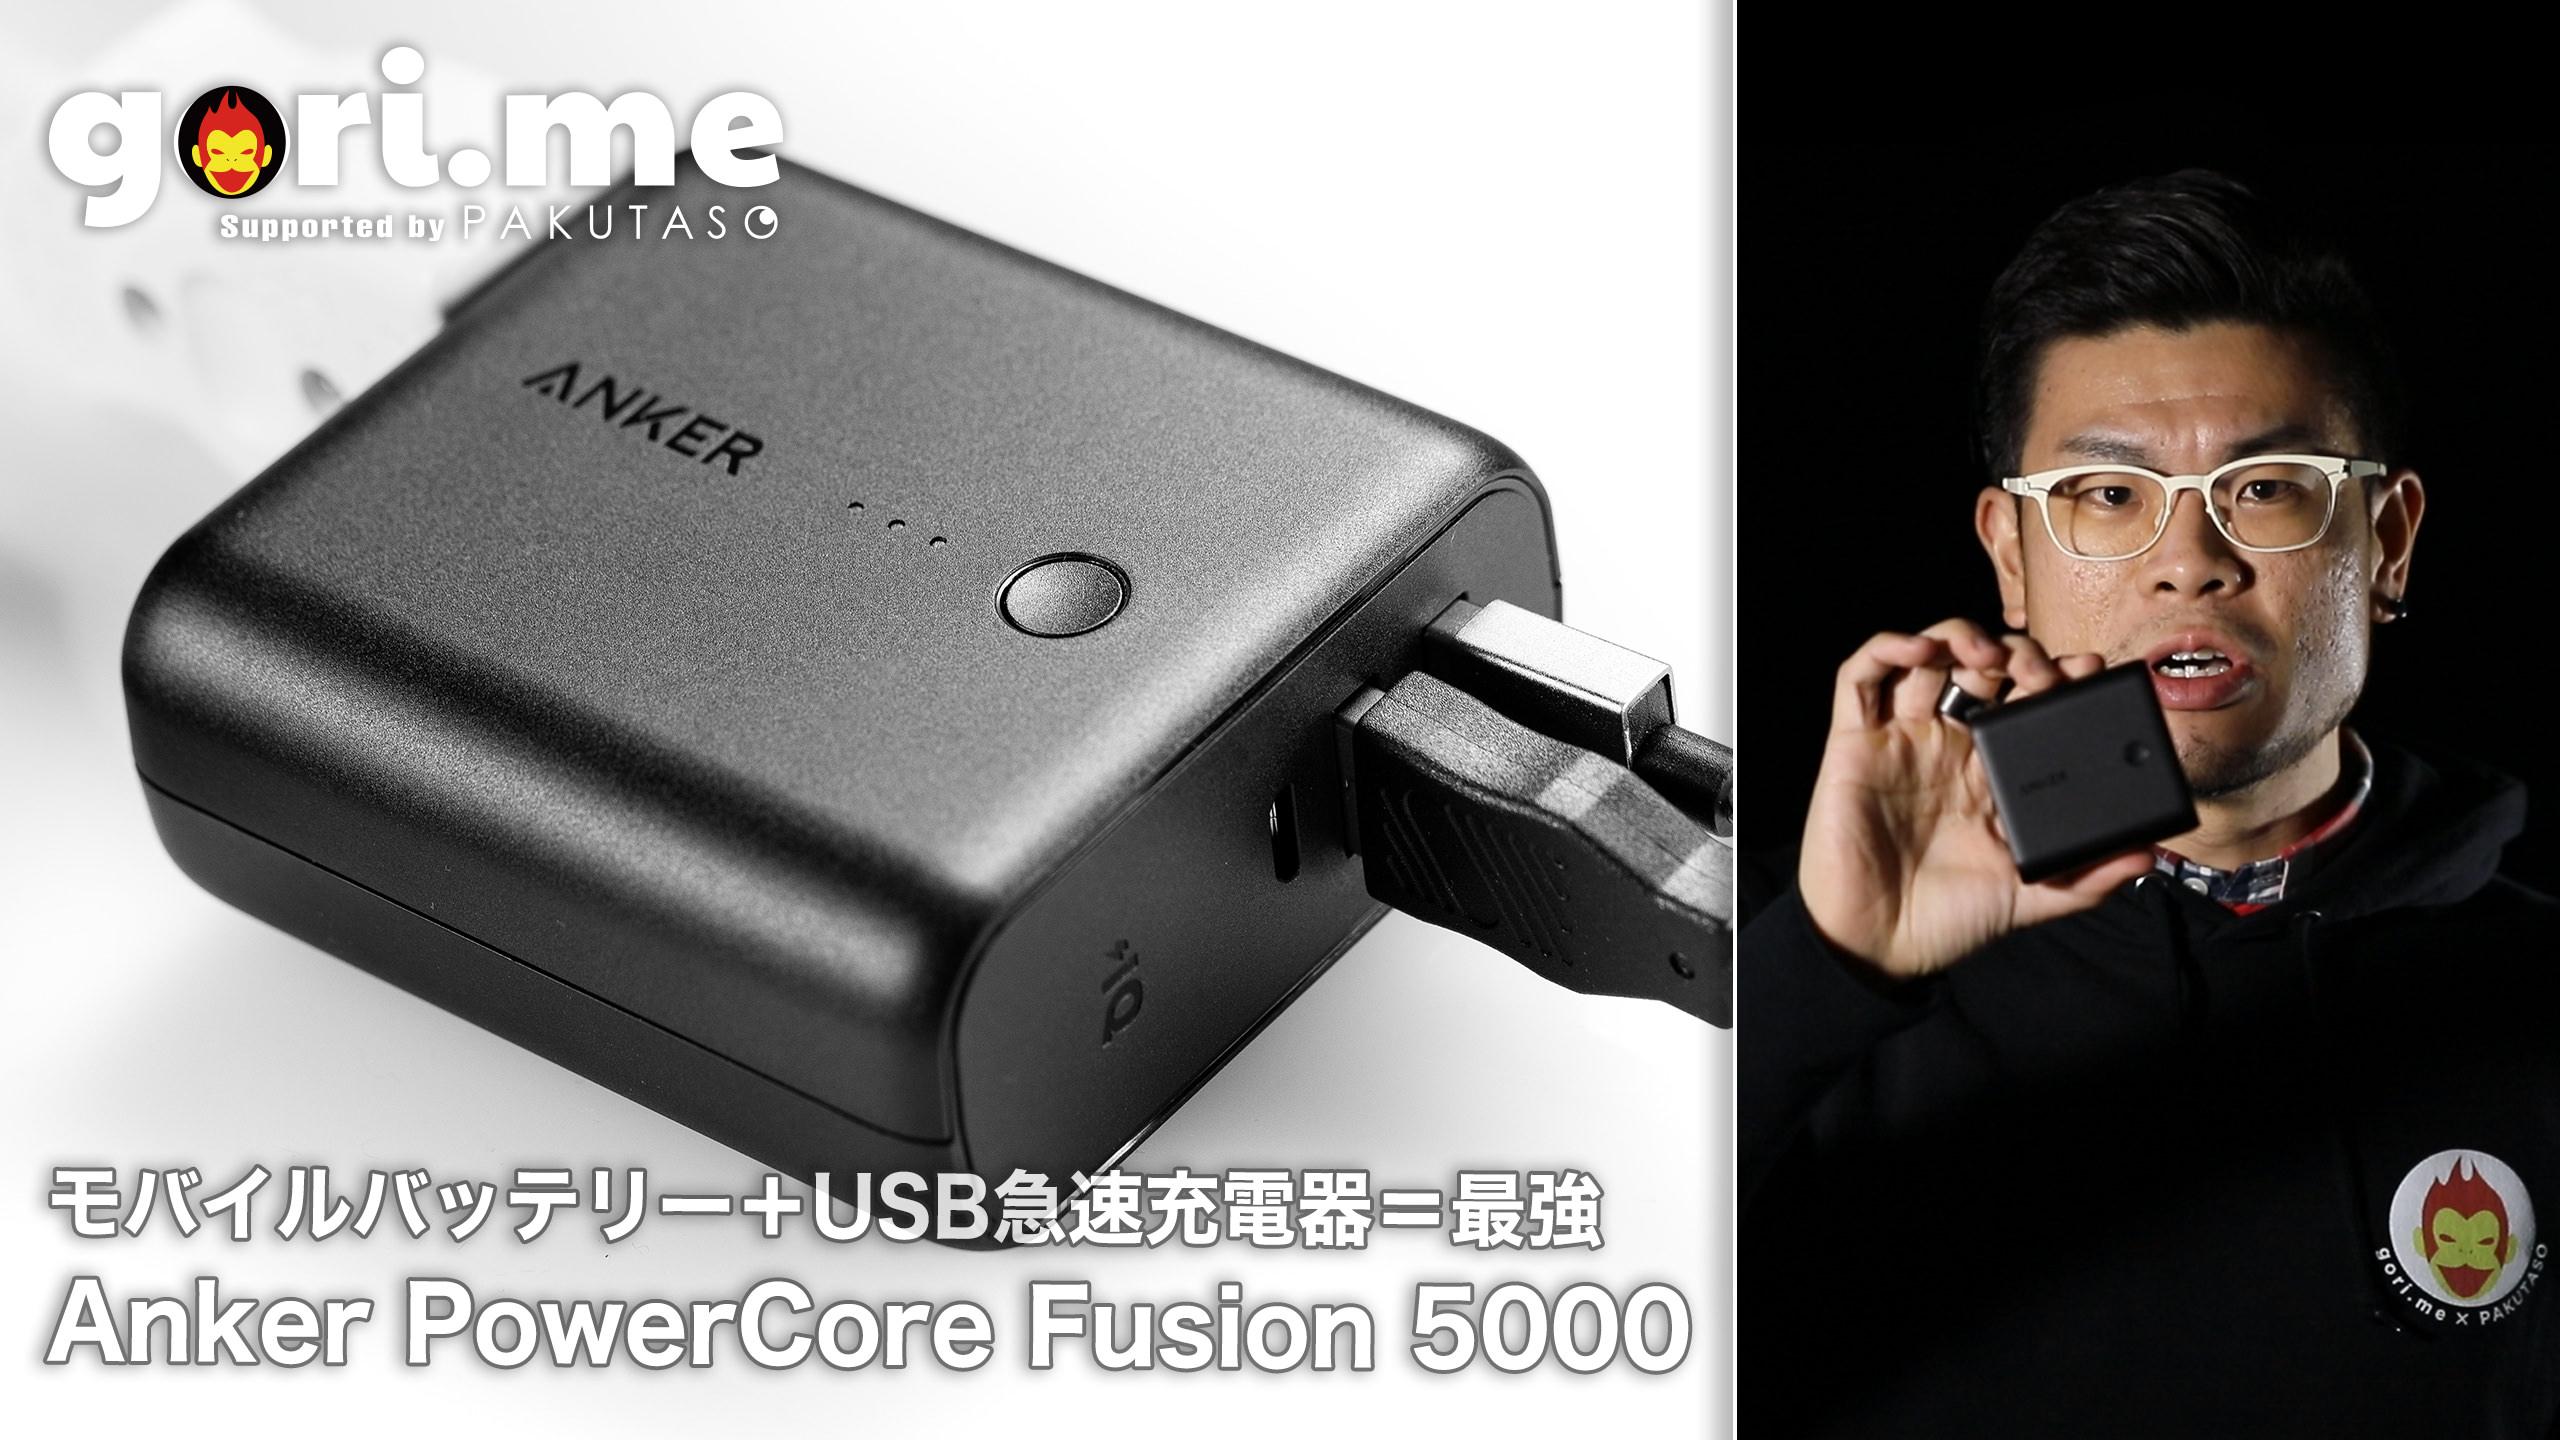 充電しながら充電できる!? Anker のモバイルバッテリー PCF5000 を紹介